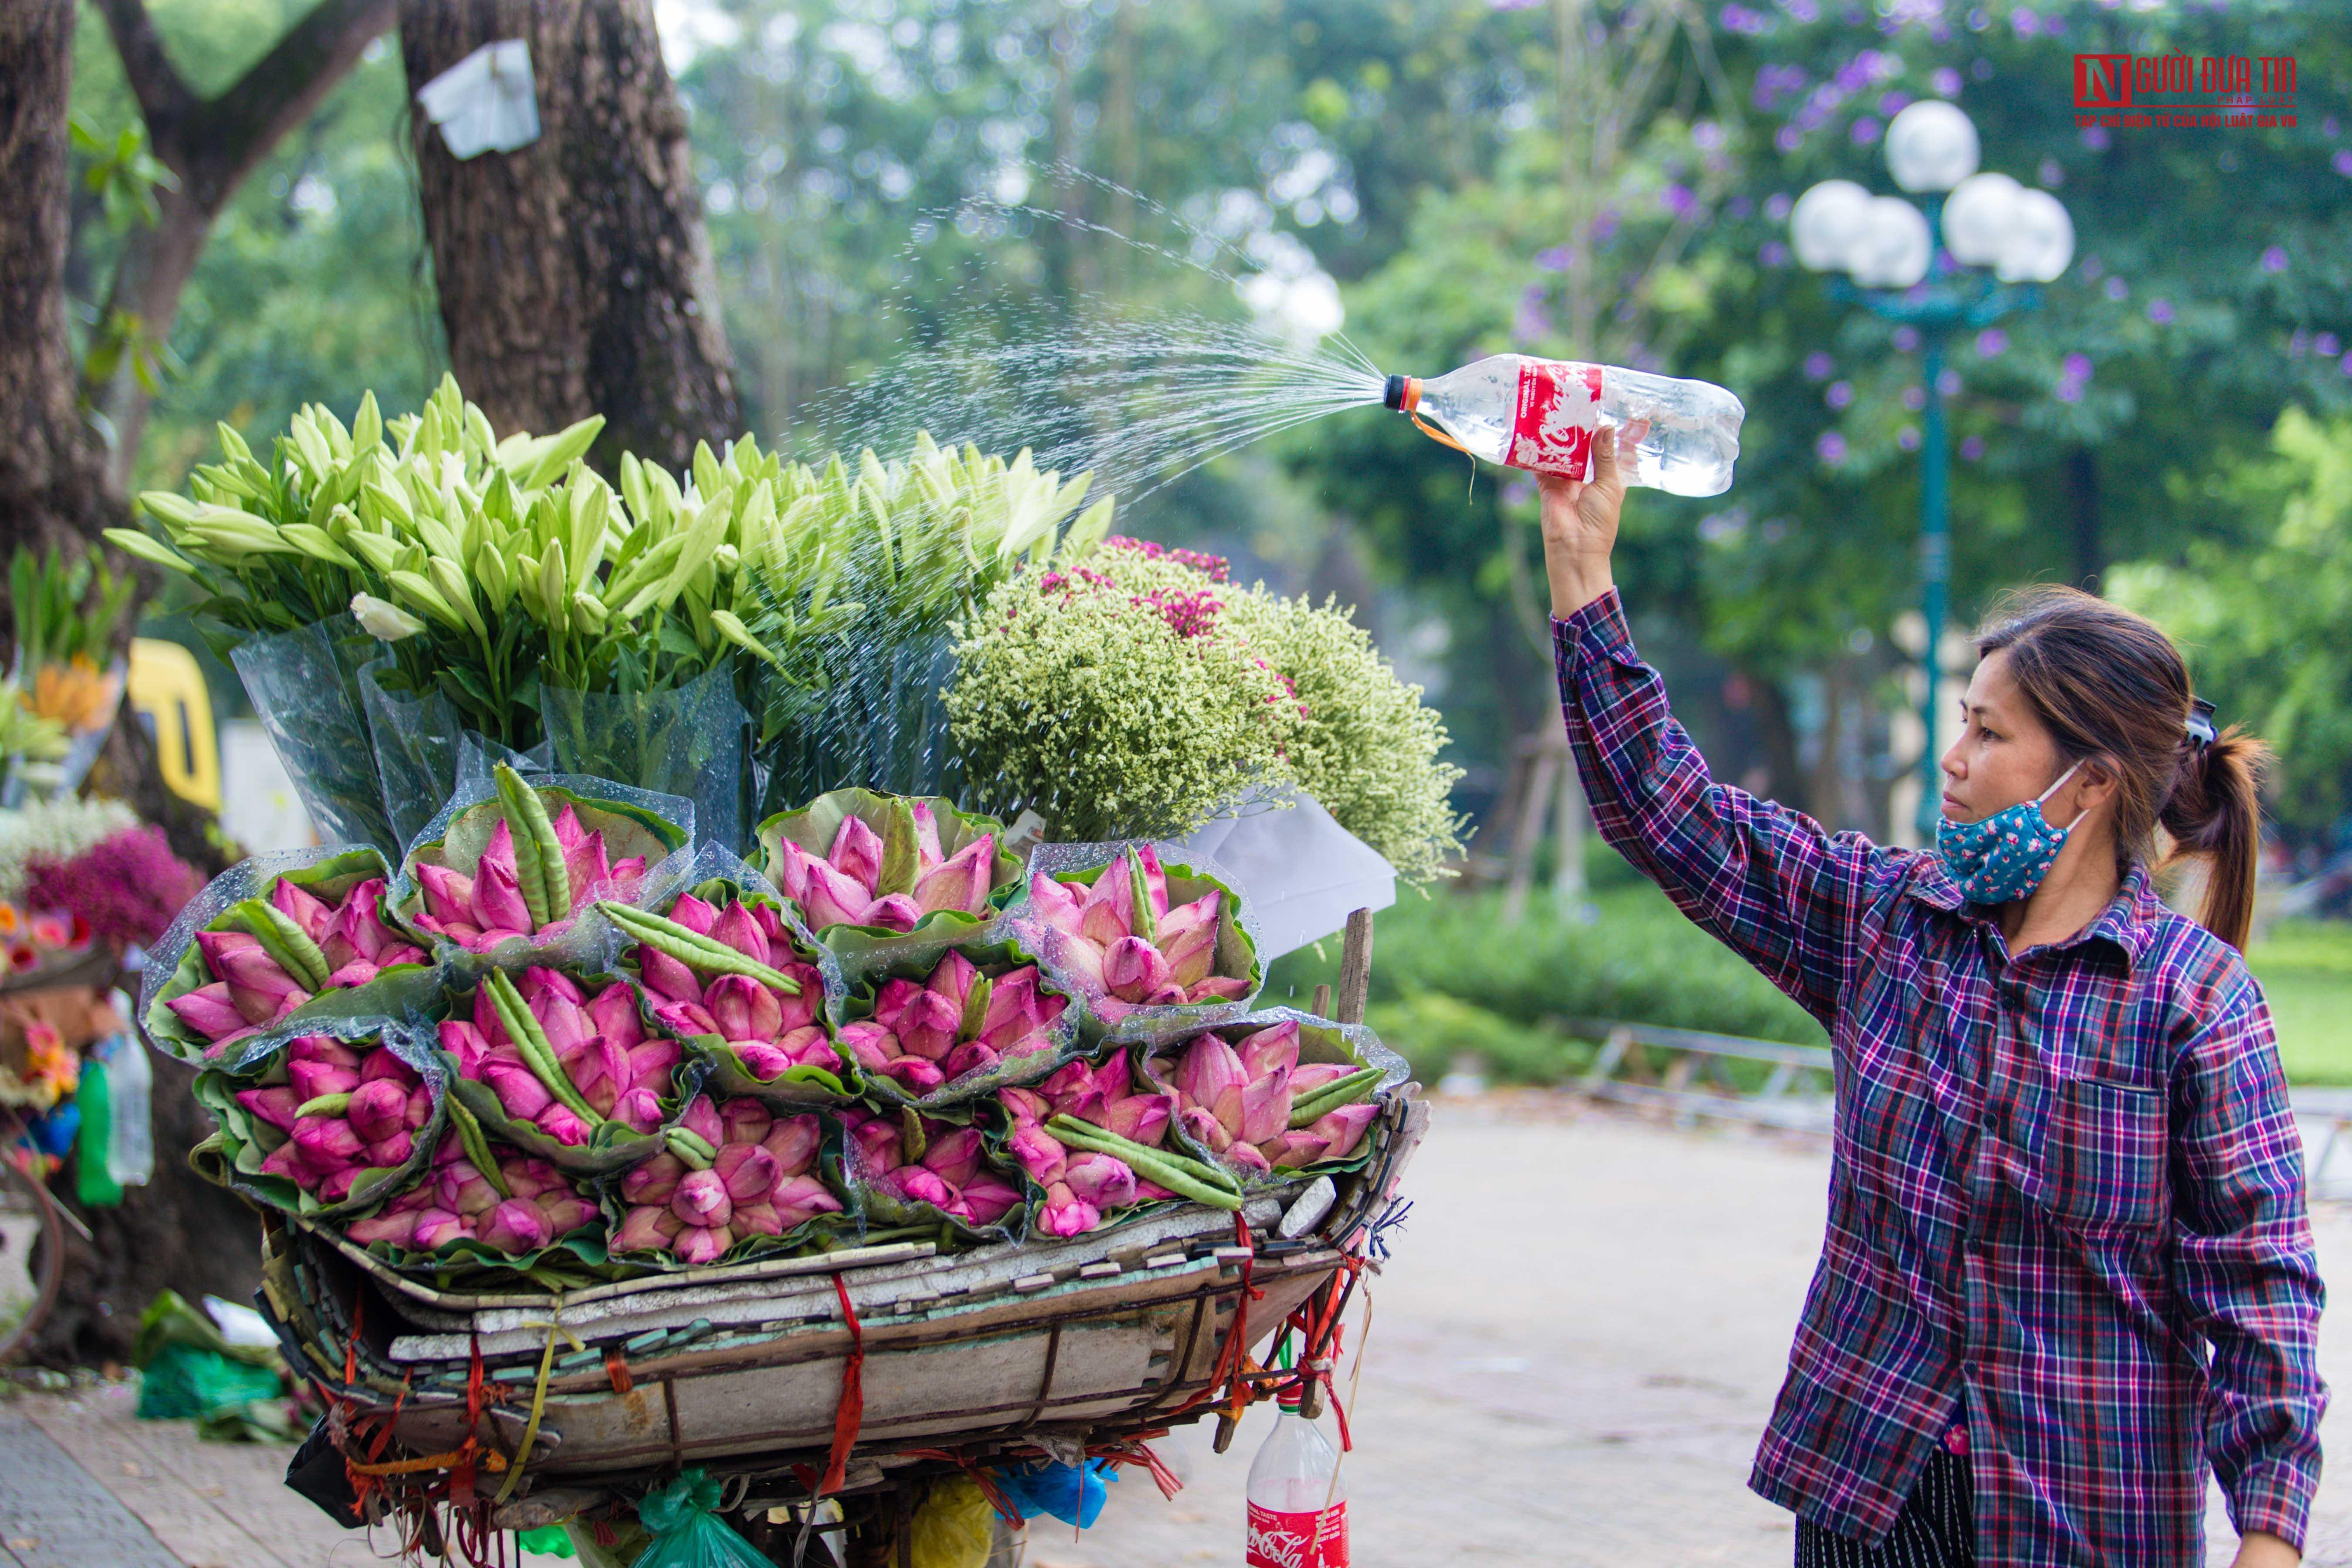 Hoa sen đầu mùa rong ruổi khắp phố phường Hà Nội Ảnh 9